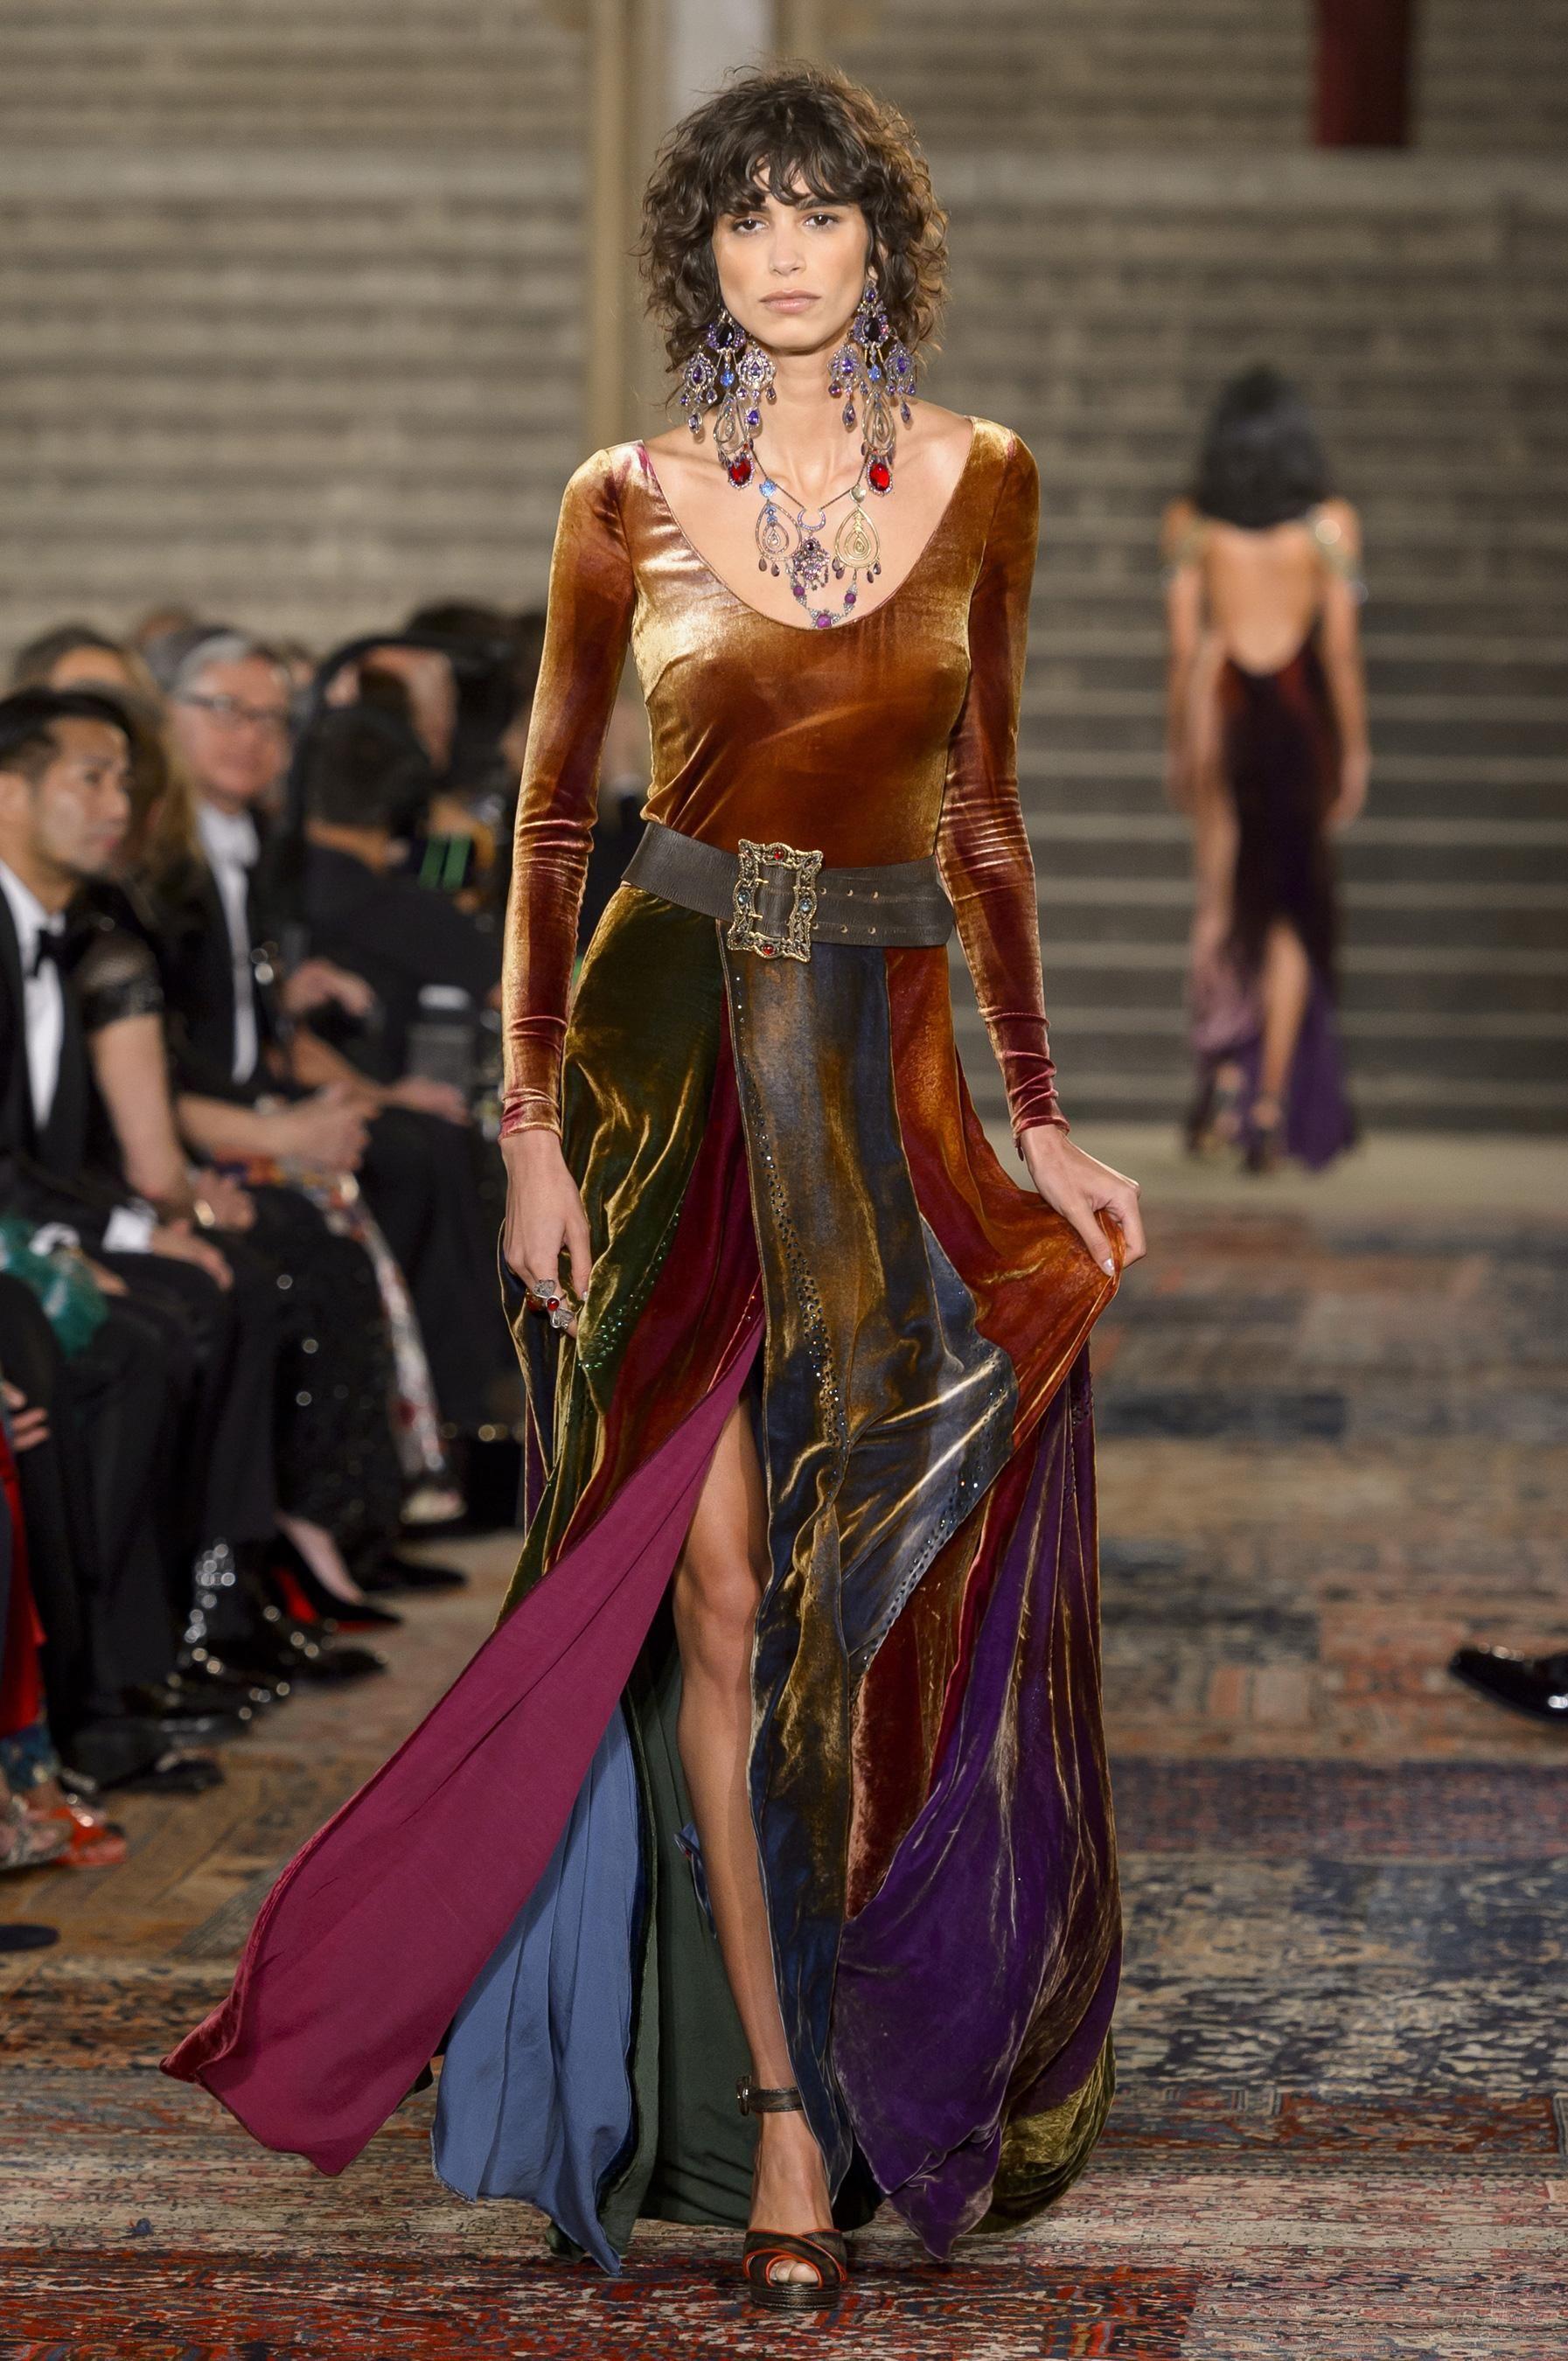 Défilé Ralph Lauren automne-hiver 2018-2019 Prêt-à-porter - Madame Figaro 673d5d5fcd5